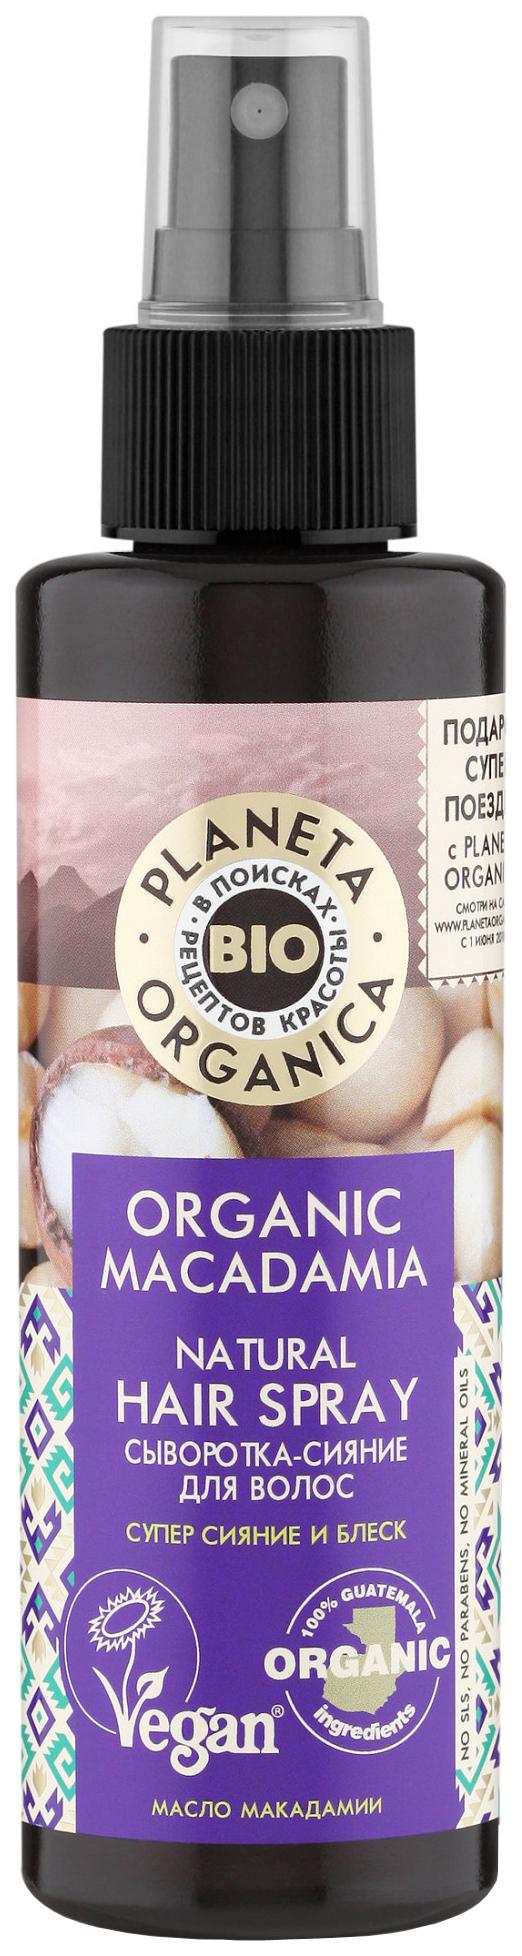 Сыворотка для волос Planeta Organica Organic Macadamia Сияние 150 мл